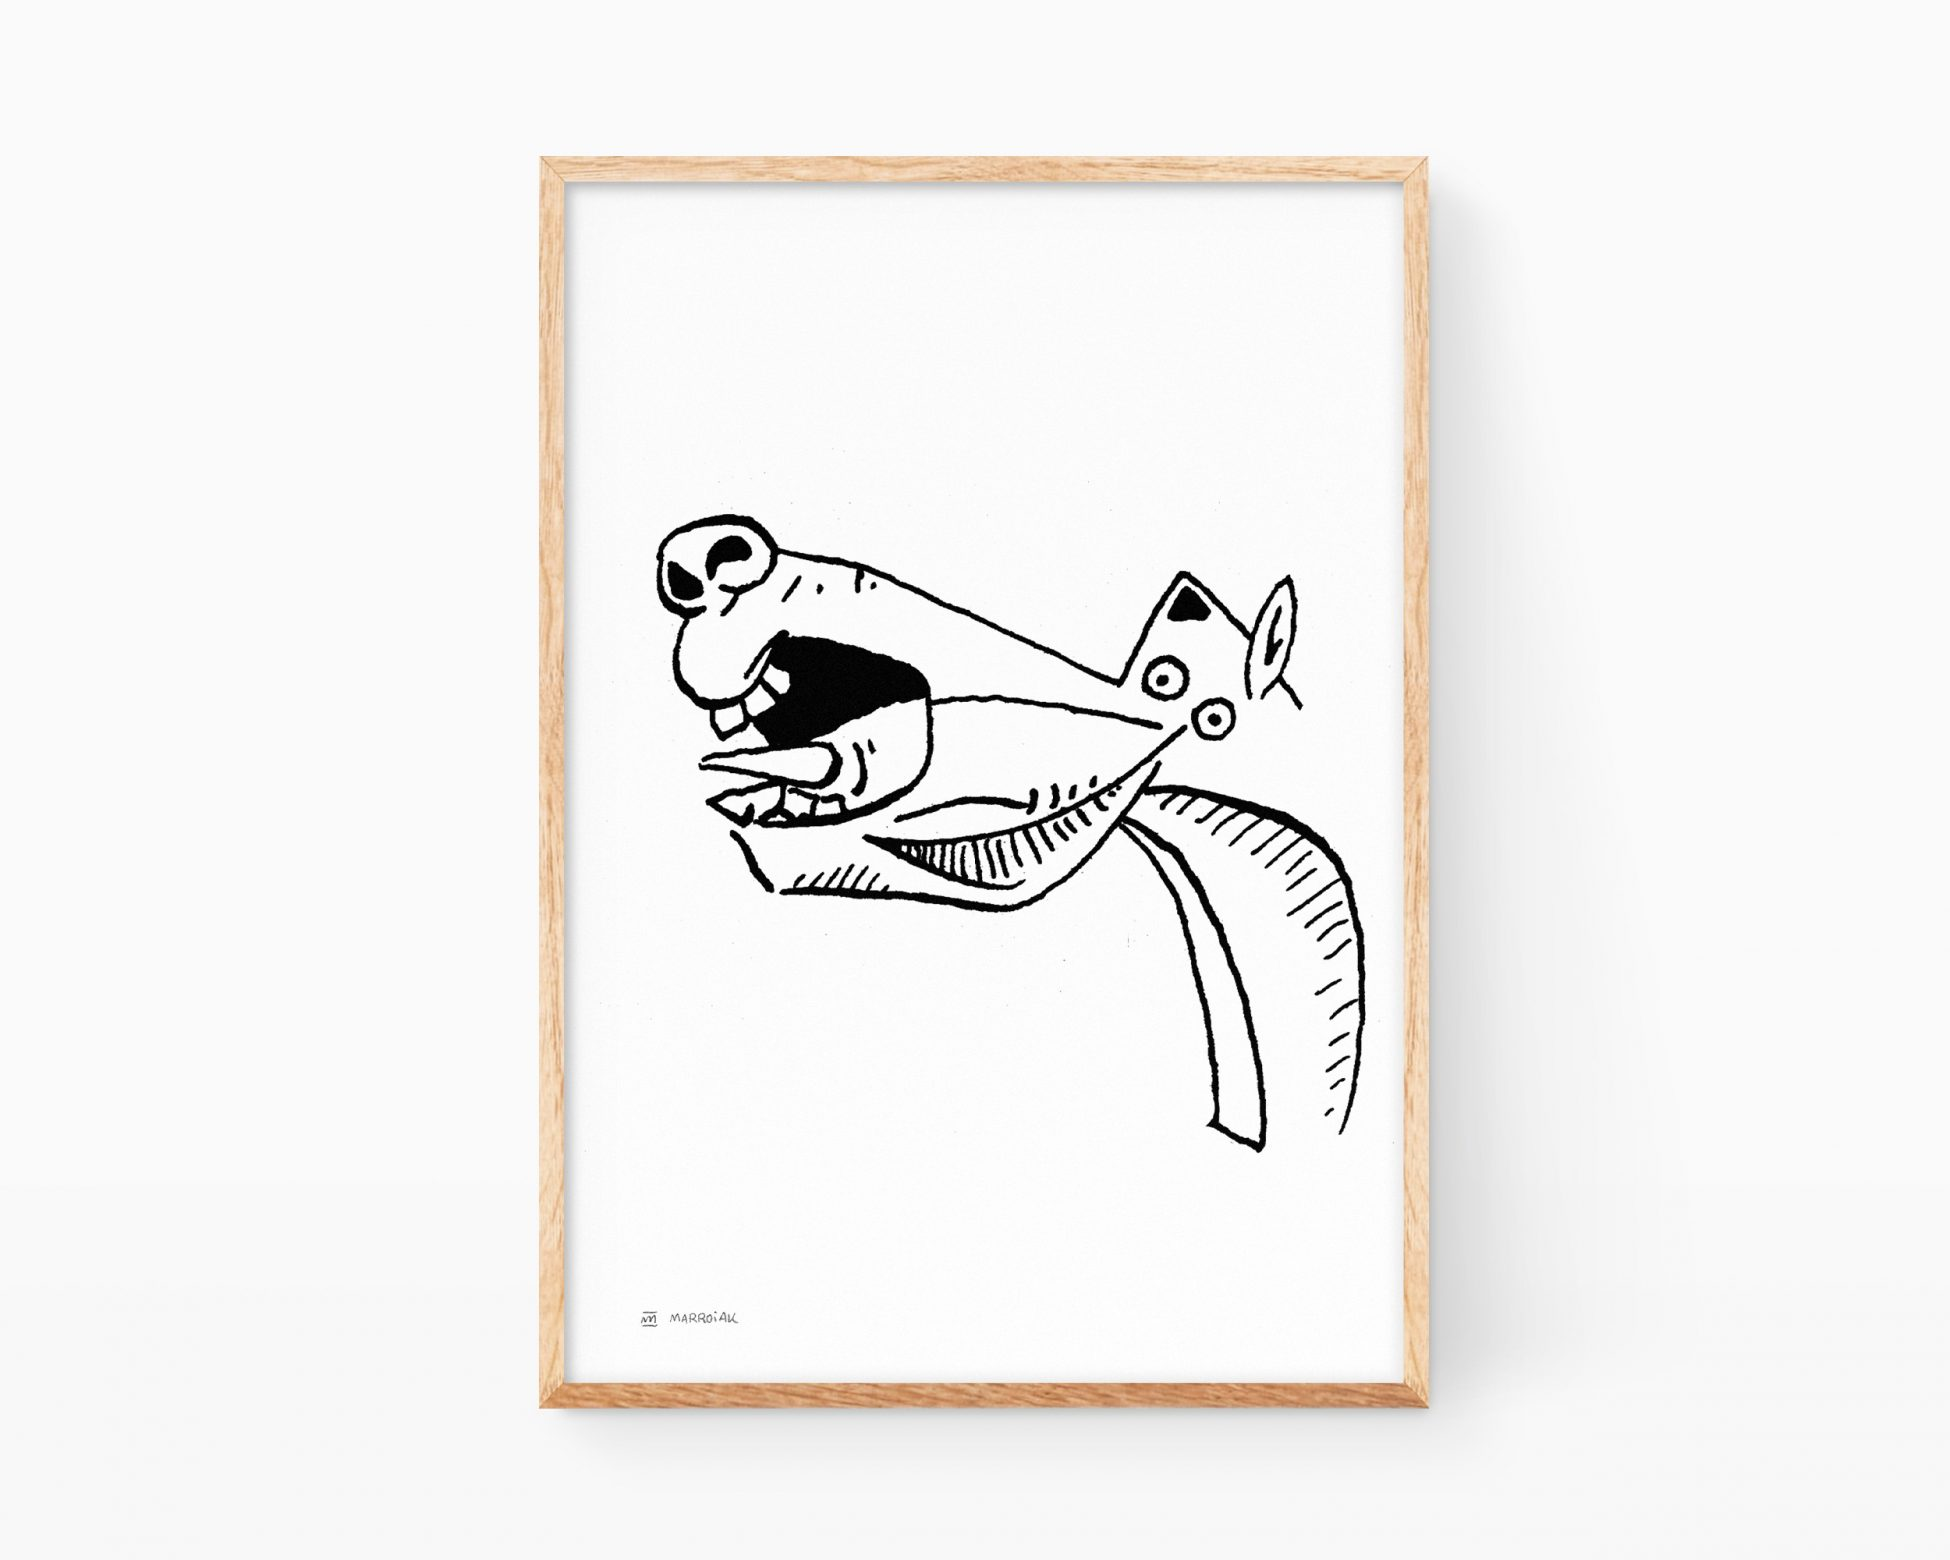 Lámina decorativa en blanco y negro con el caballo dibujado por Pablo Picasso en el Guernica. Decoración de salón y pasillo. Pintura minimalista estilo cómic